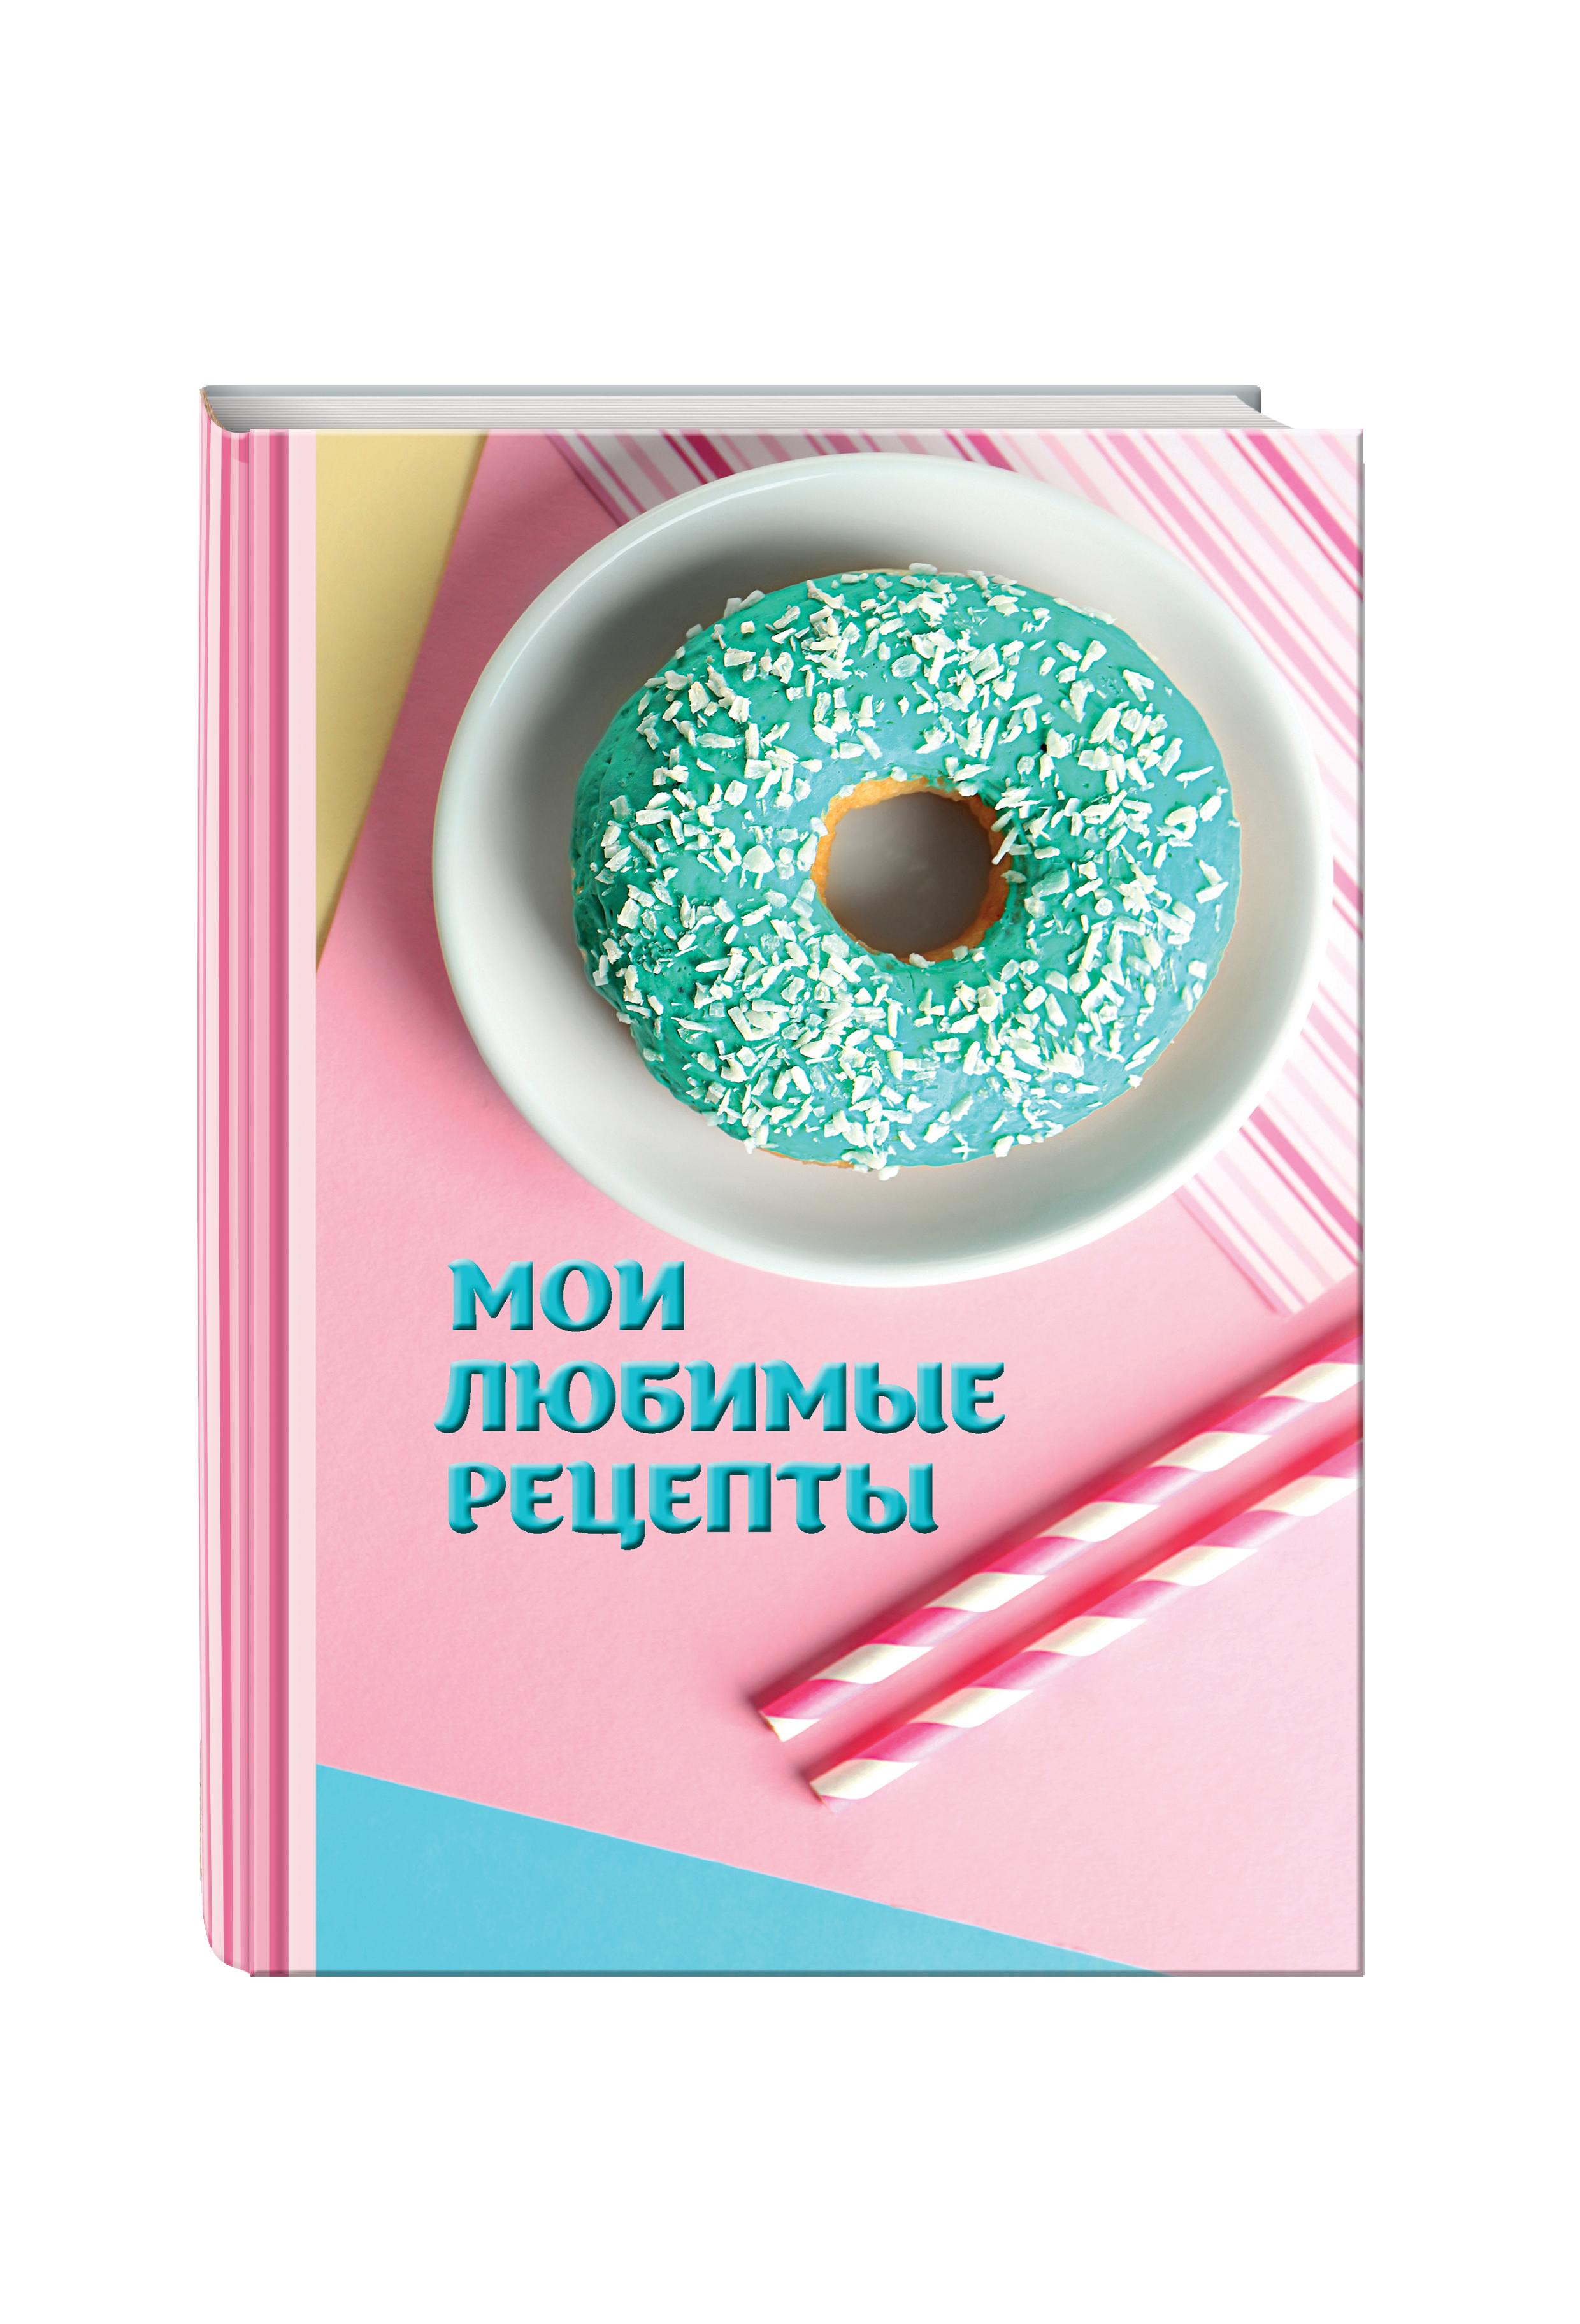 Мои любимые рецепты. Книга для записи рецептов (а5_Пончики) вкусные истории книга для записи рецептов